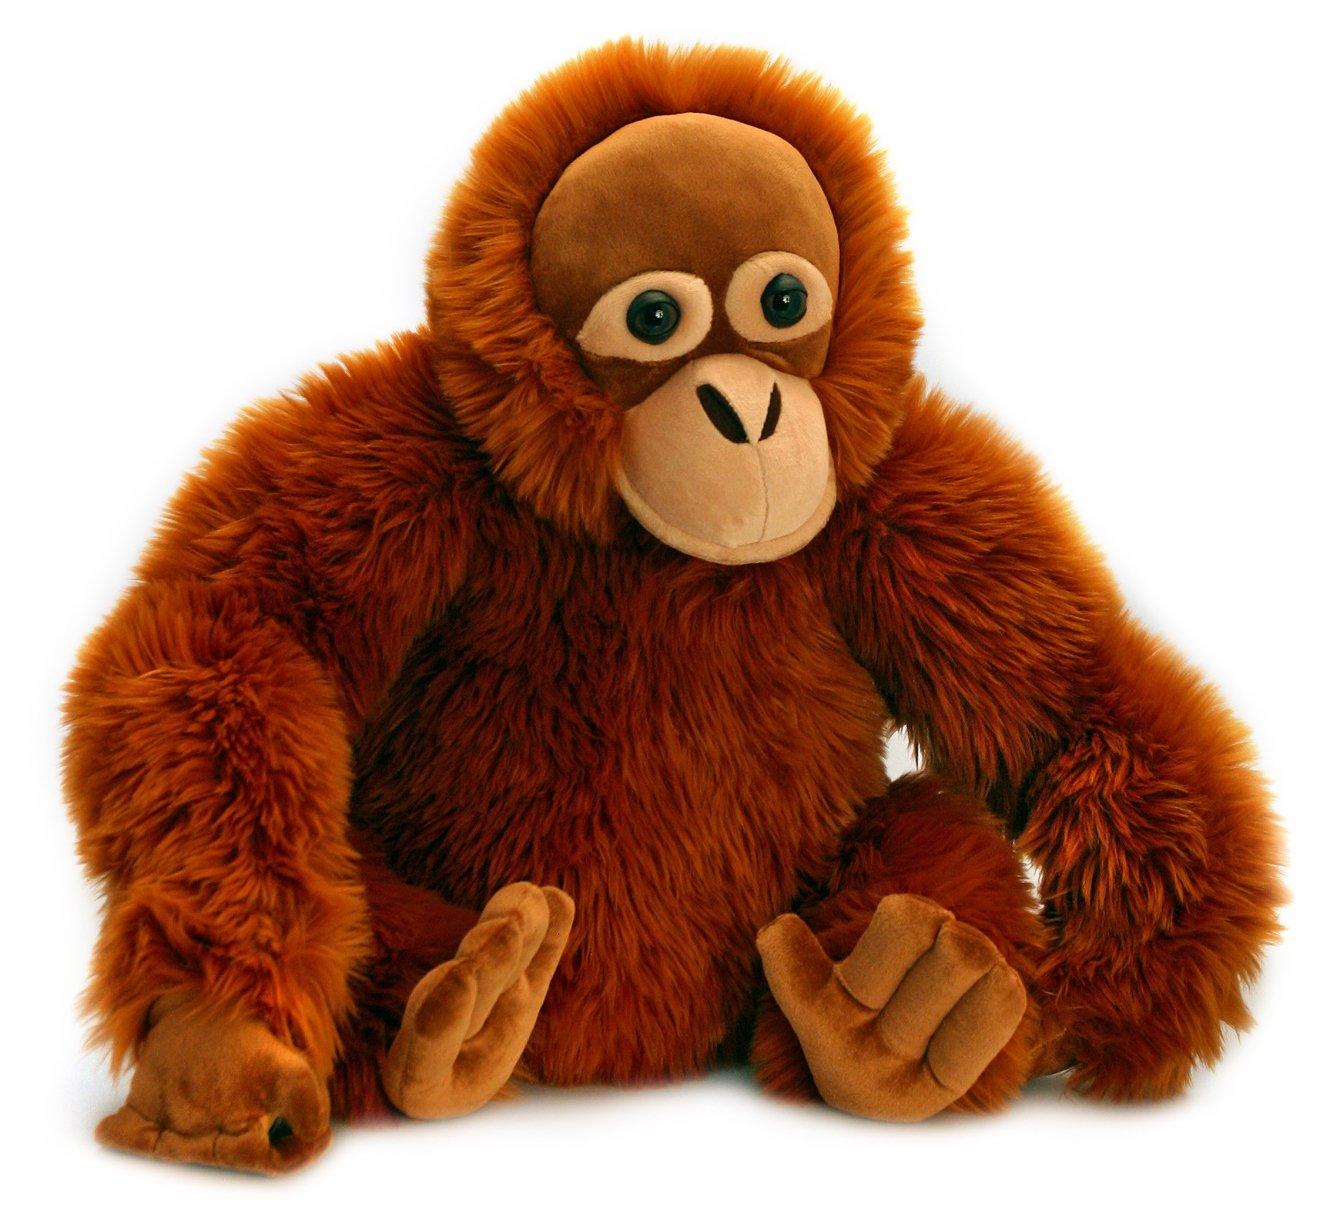 Keel Toys Monkey Keel Toys 30cm Orangutan